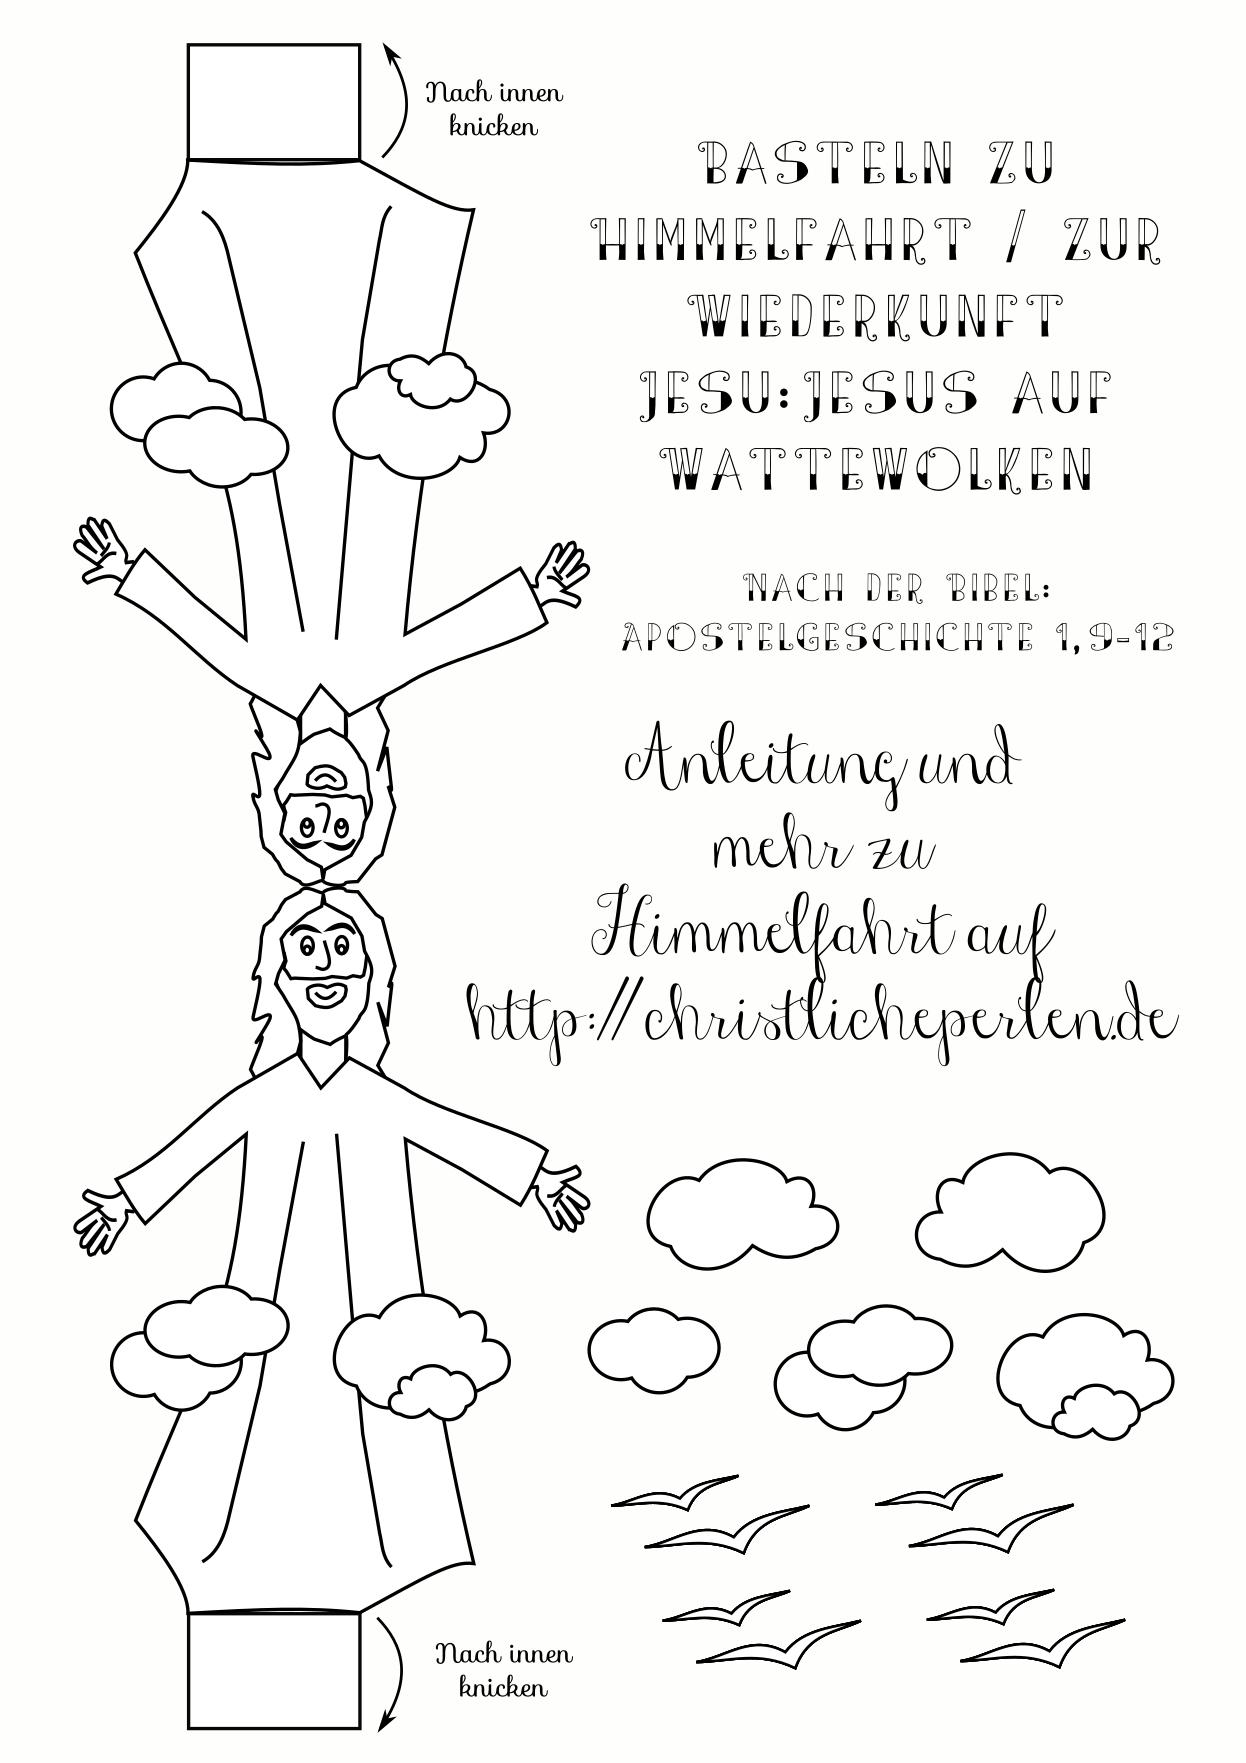 Basteln zu Himmelfahrt | Christliche Perlen